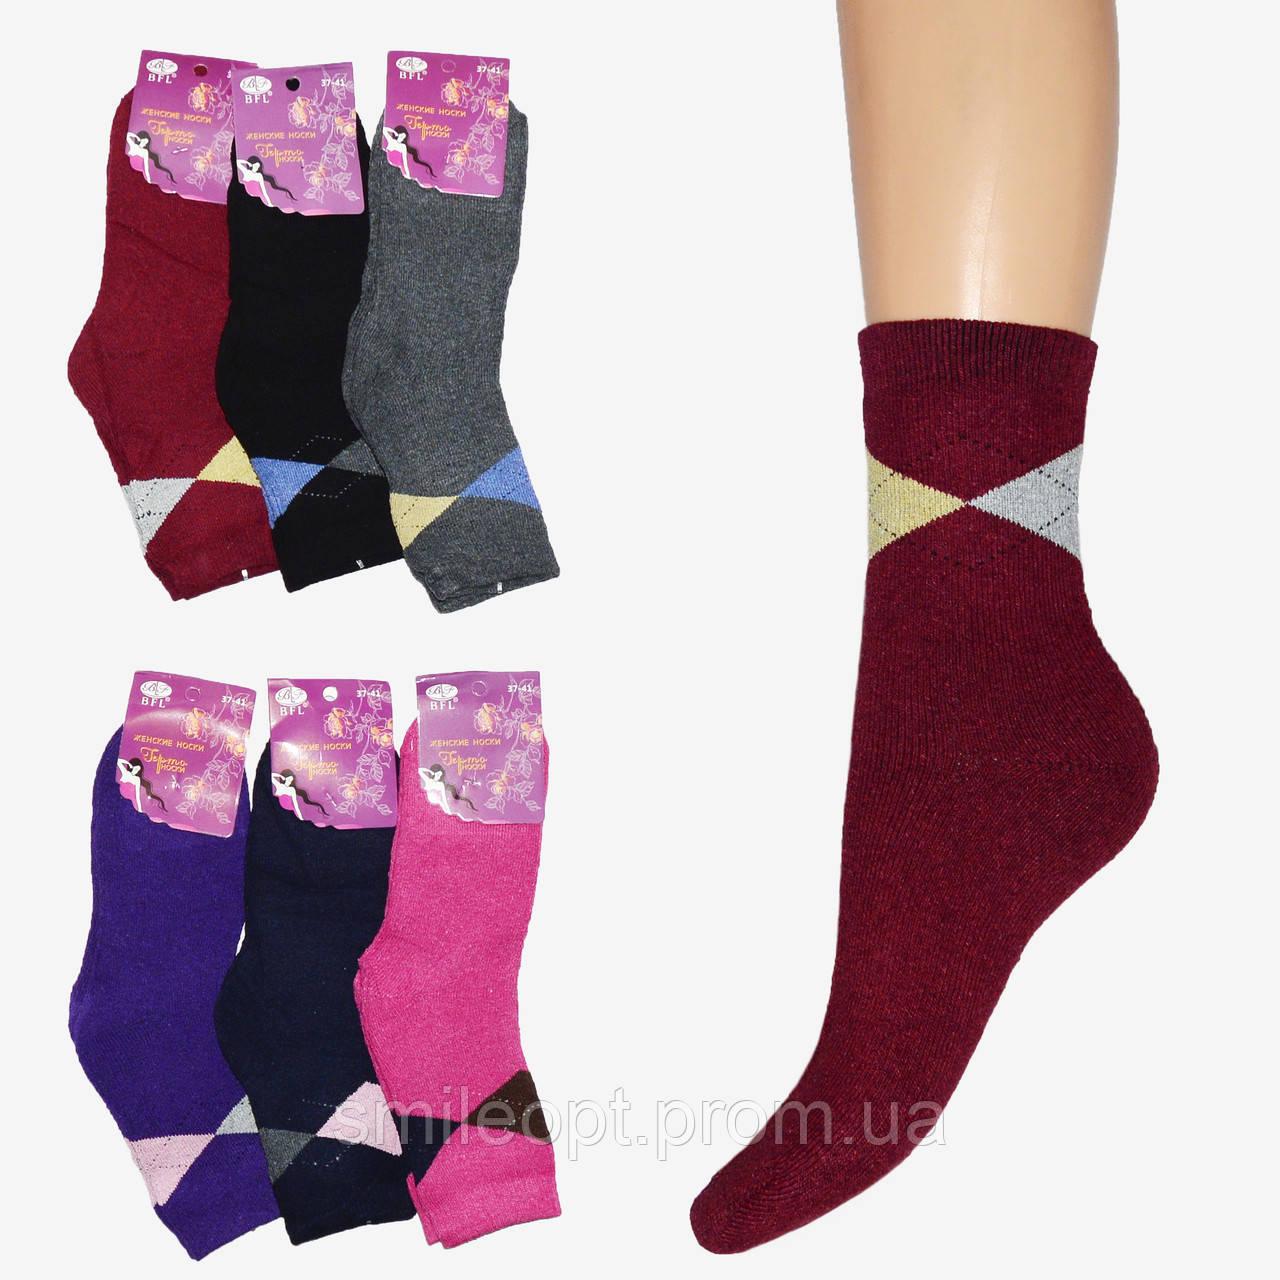 b2b9c4e7697ae Махровые носки женские узор (NG26) - SmileOpt - Оптовый склад-магазин  одежды Смайл